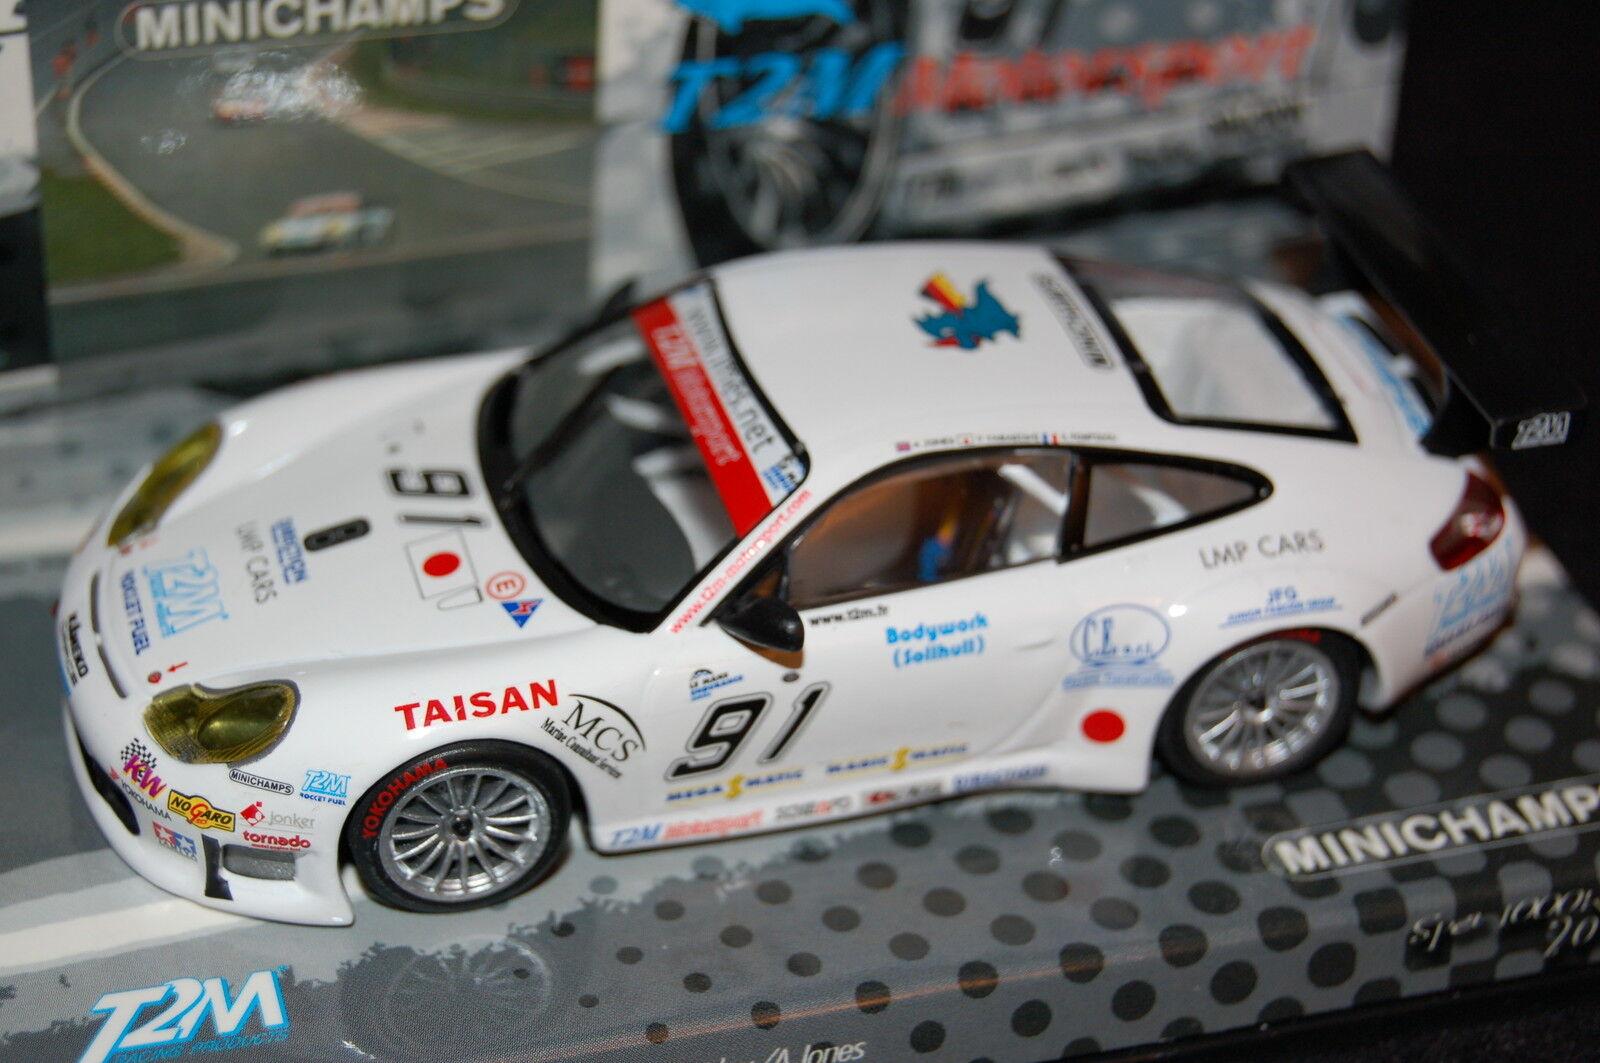 PORSCHE 911 GT3 CUP T2M SPA - MINICHAMPS 1 43 - 999 PCS 403056991